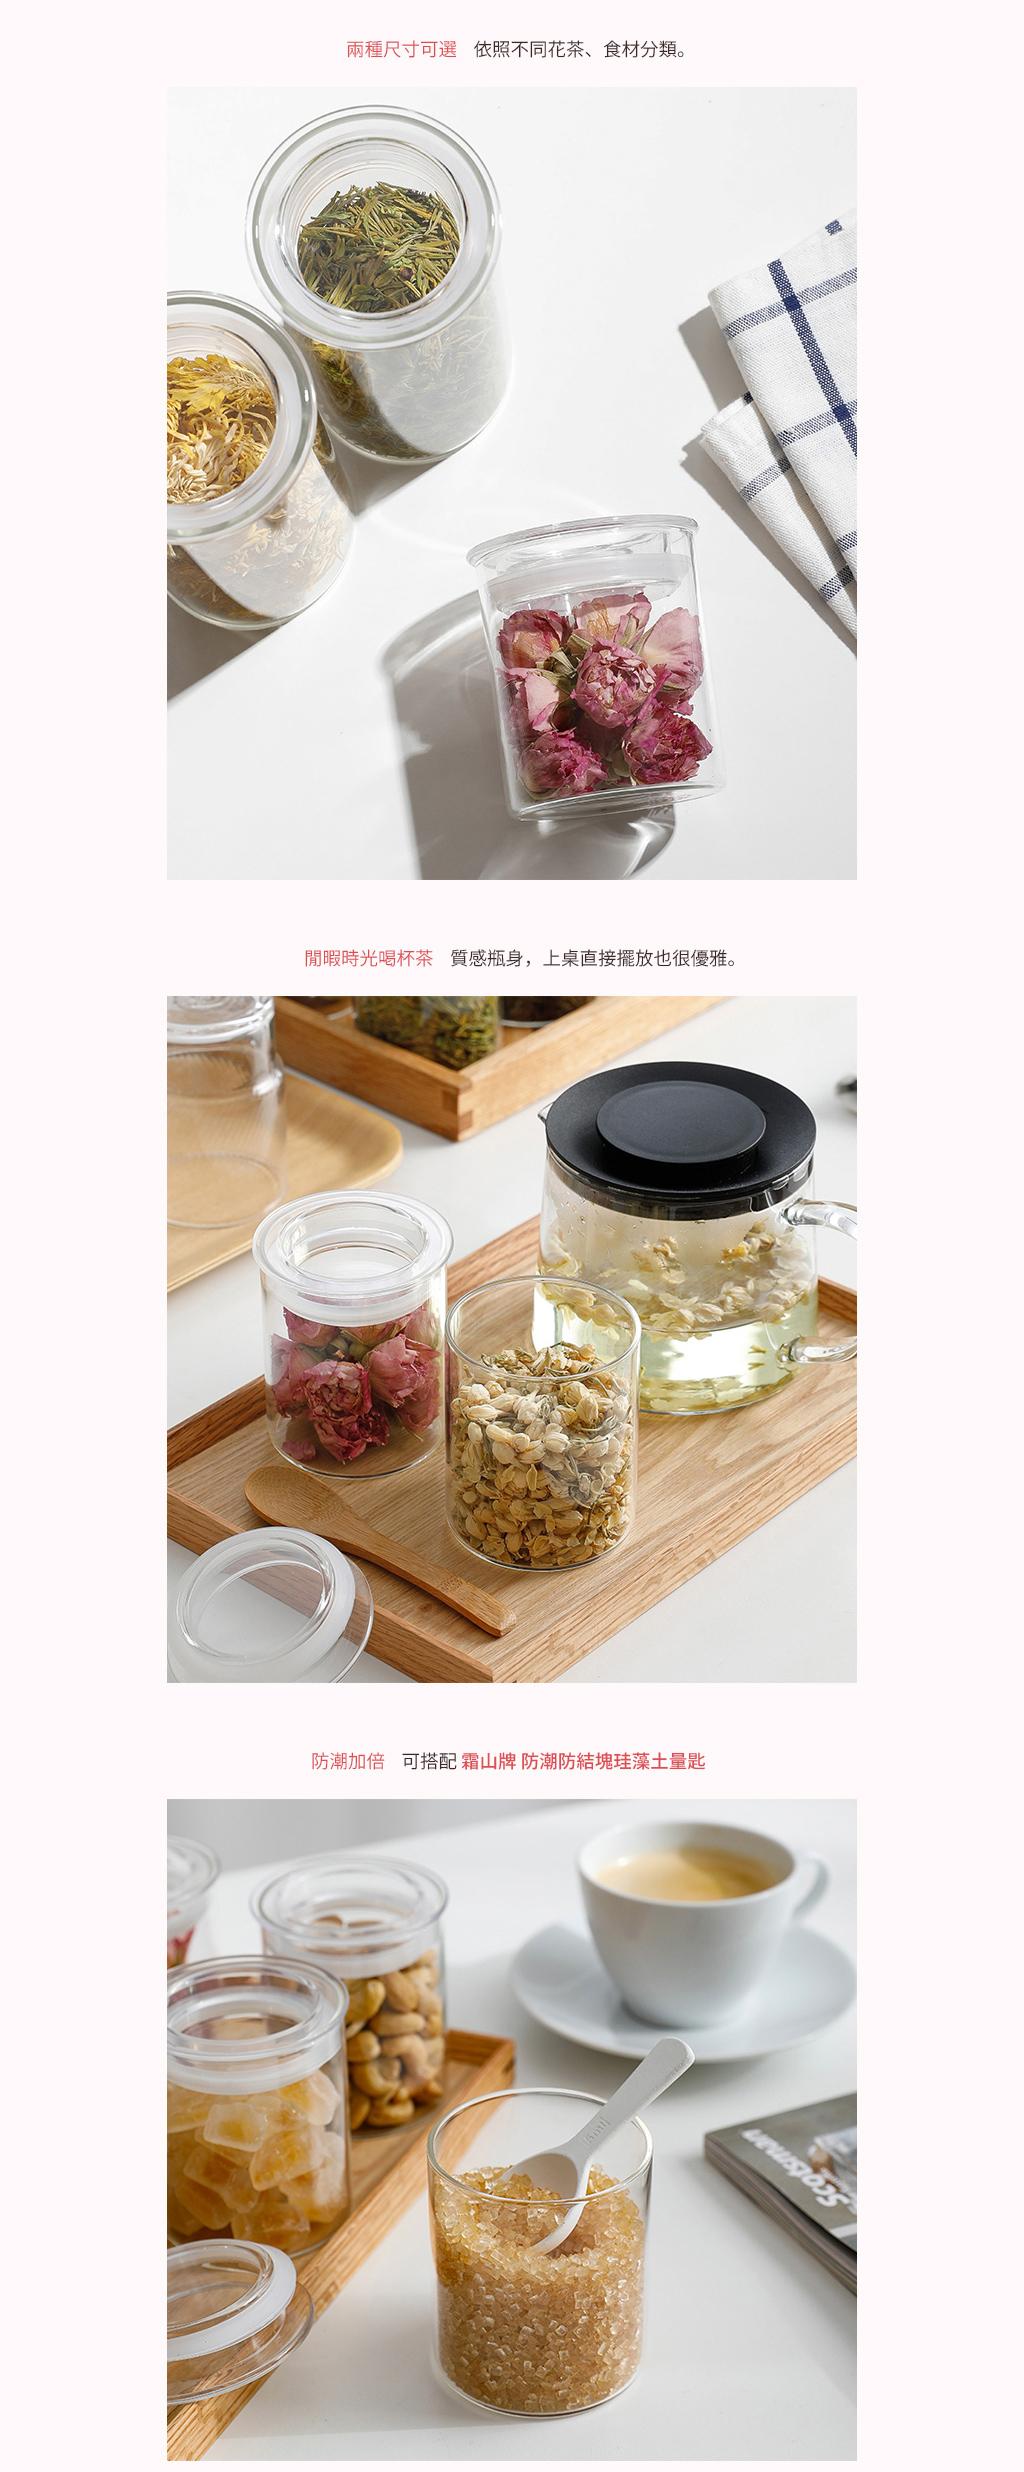 日本霜山 高透防潮玻璃密封式儲物罐400ml (3入) 可放茶葉/乾燥花茶/雜糧/鹽糖